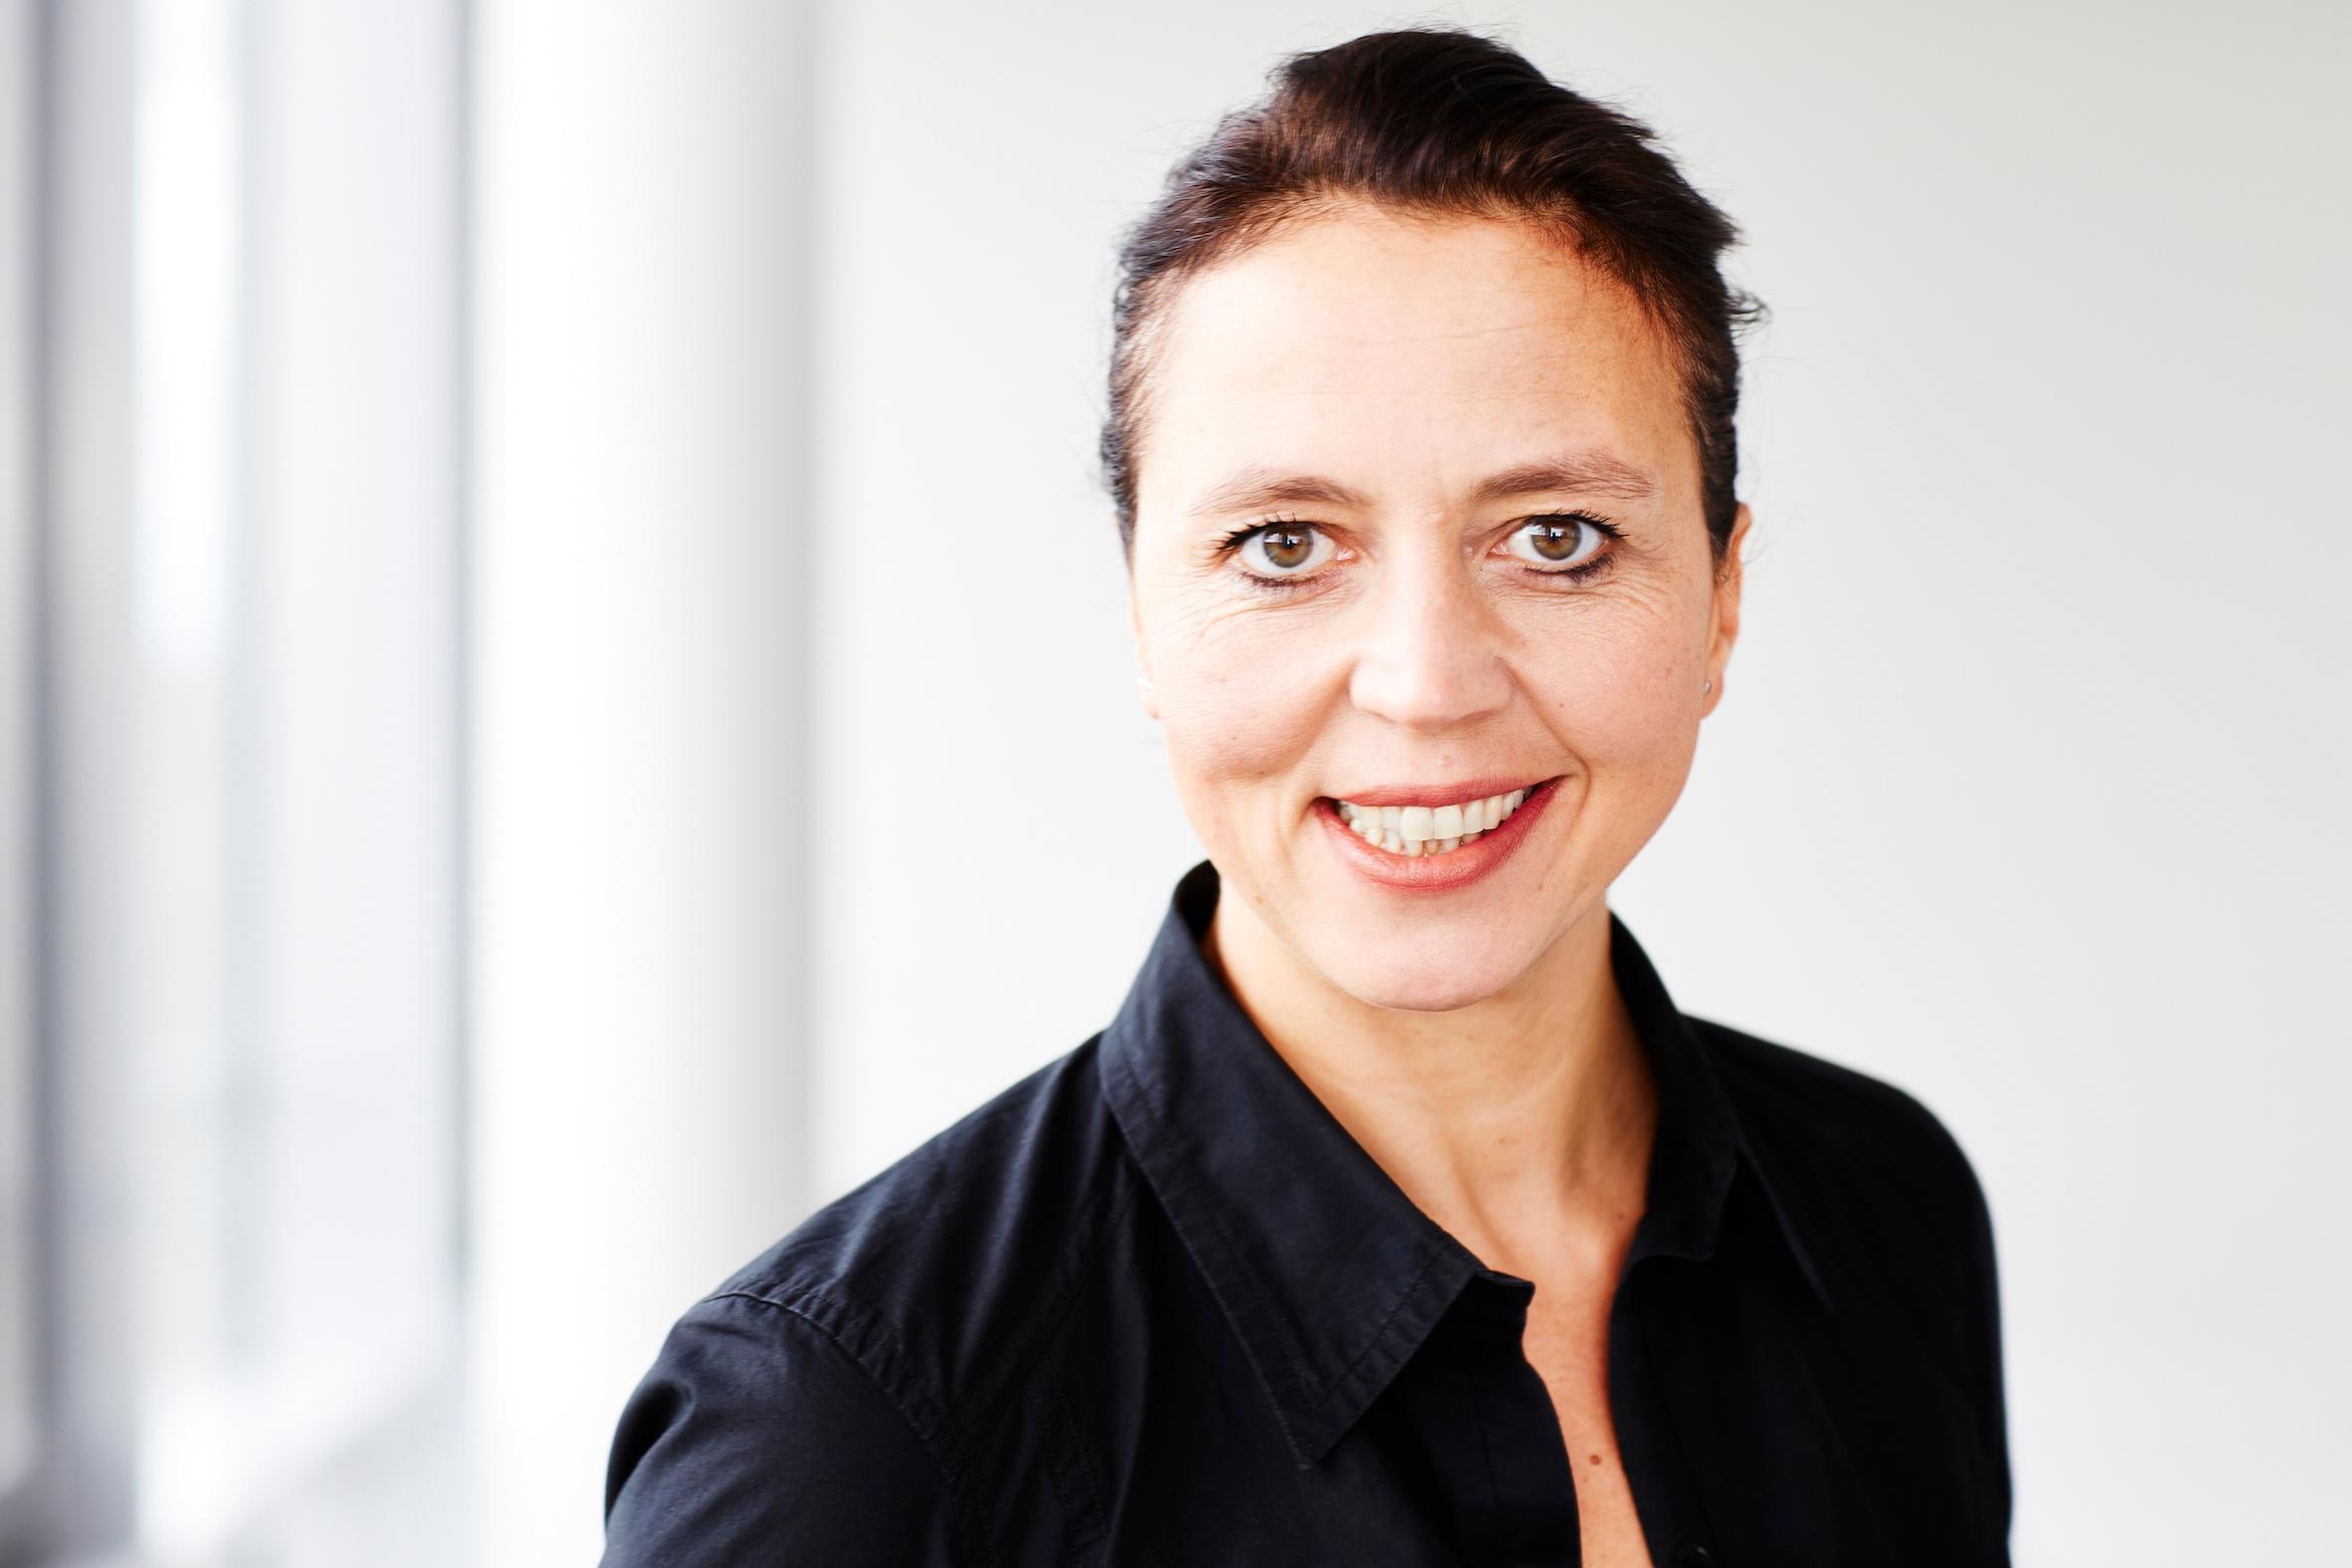 Claudia Kempf